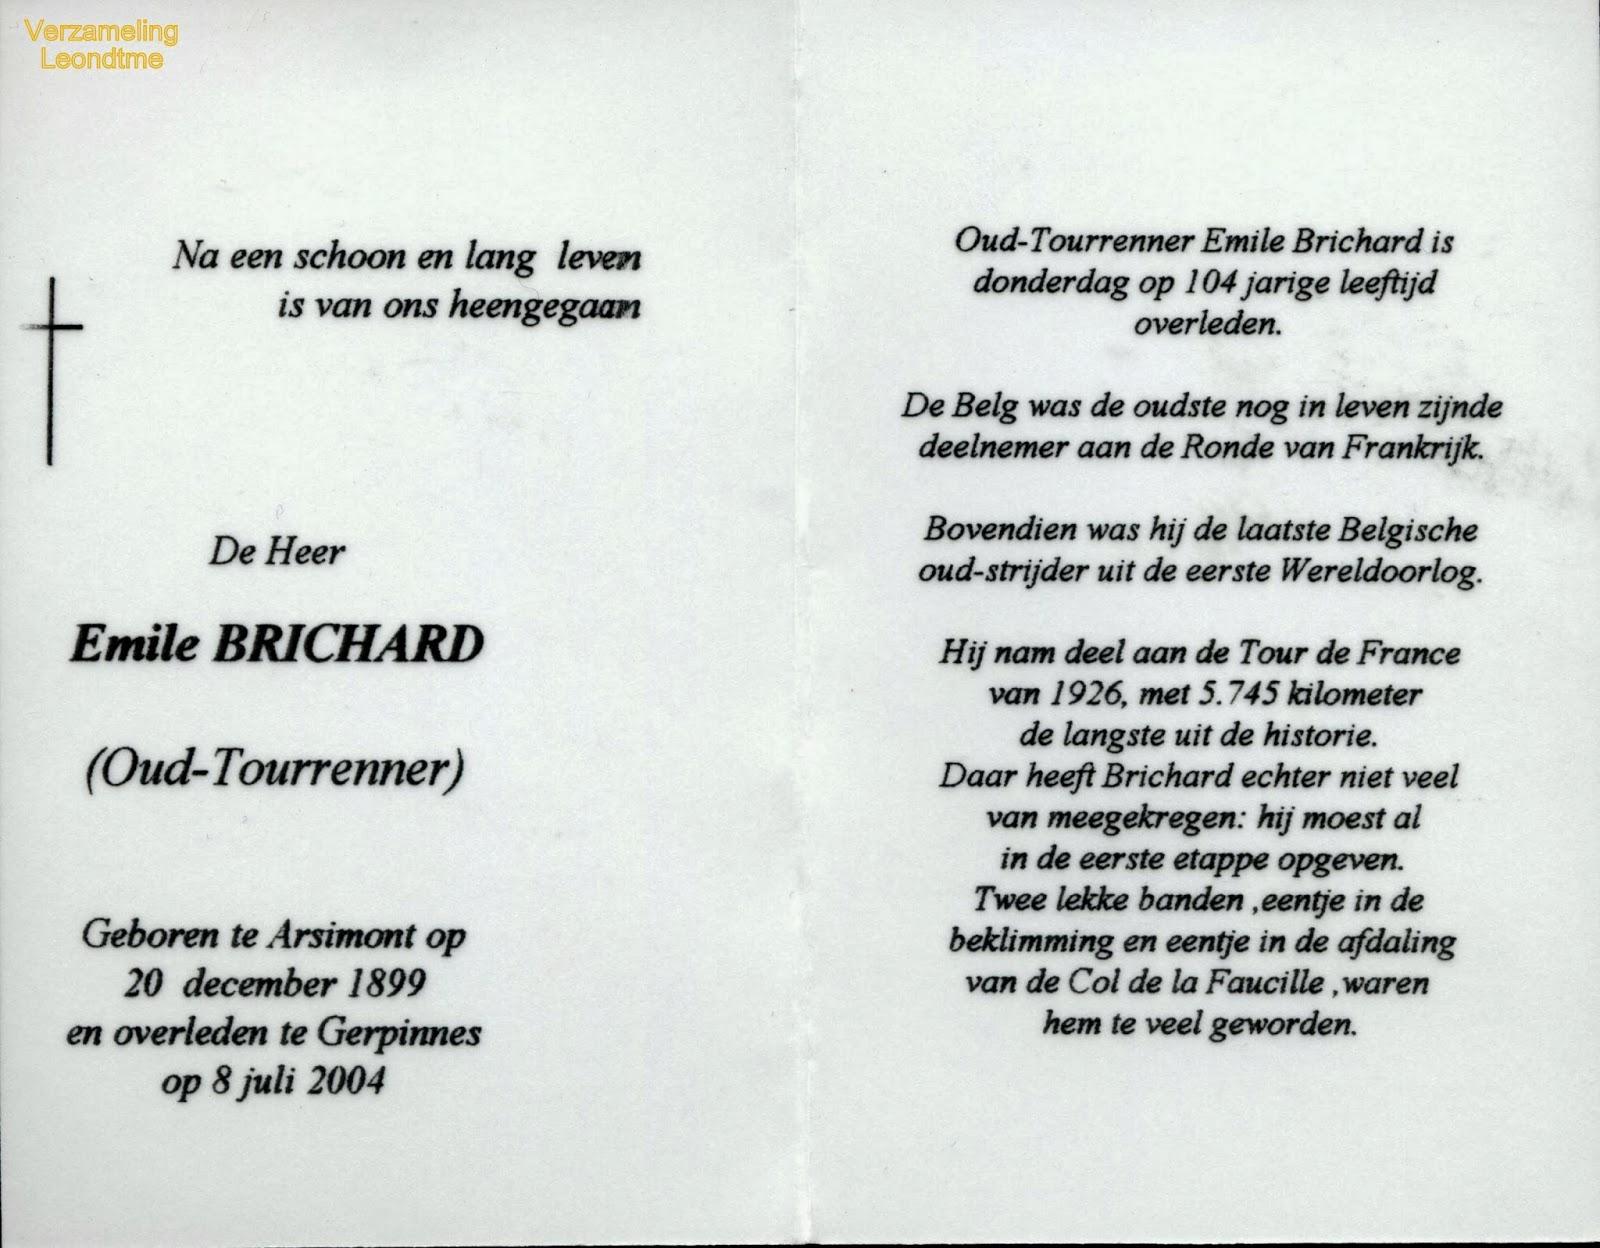 Bidprentje, Emile Brichard 1899-2004. Verzameling Leondyme